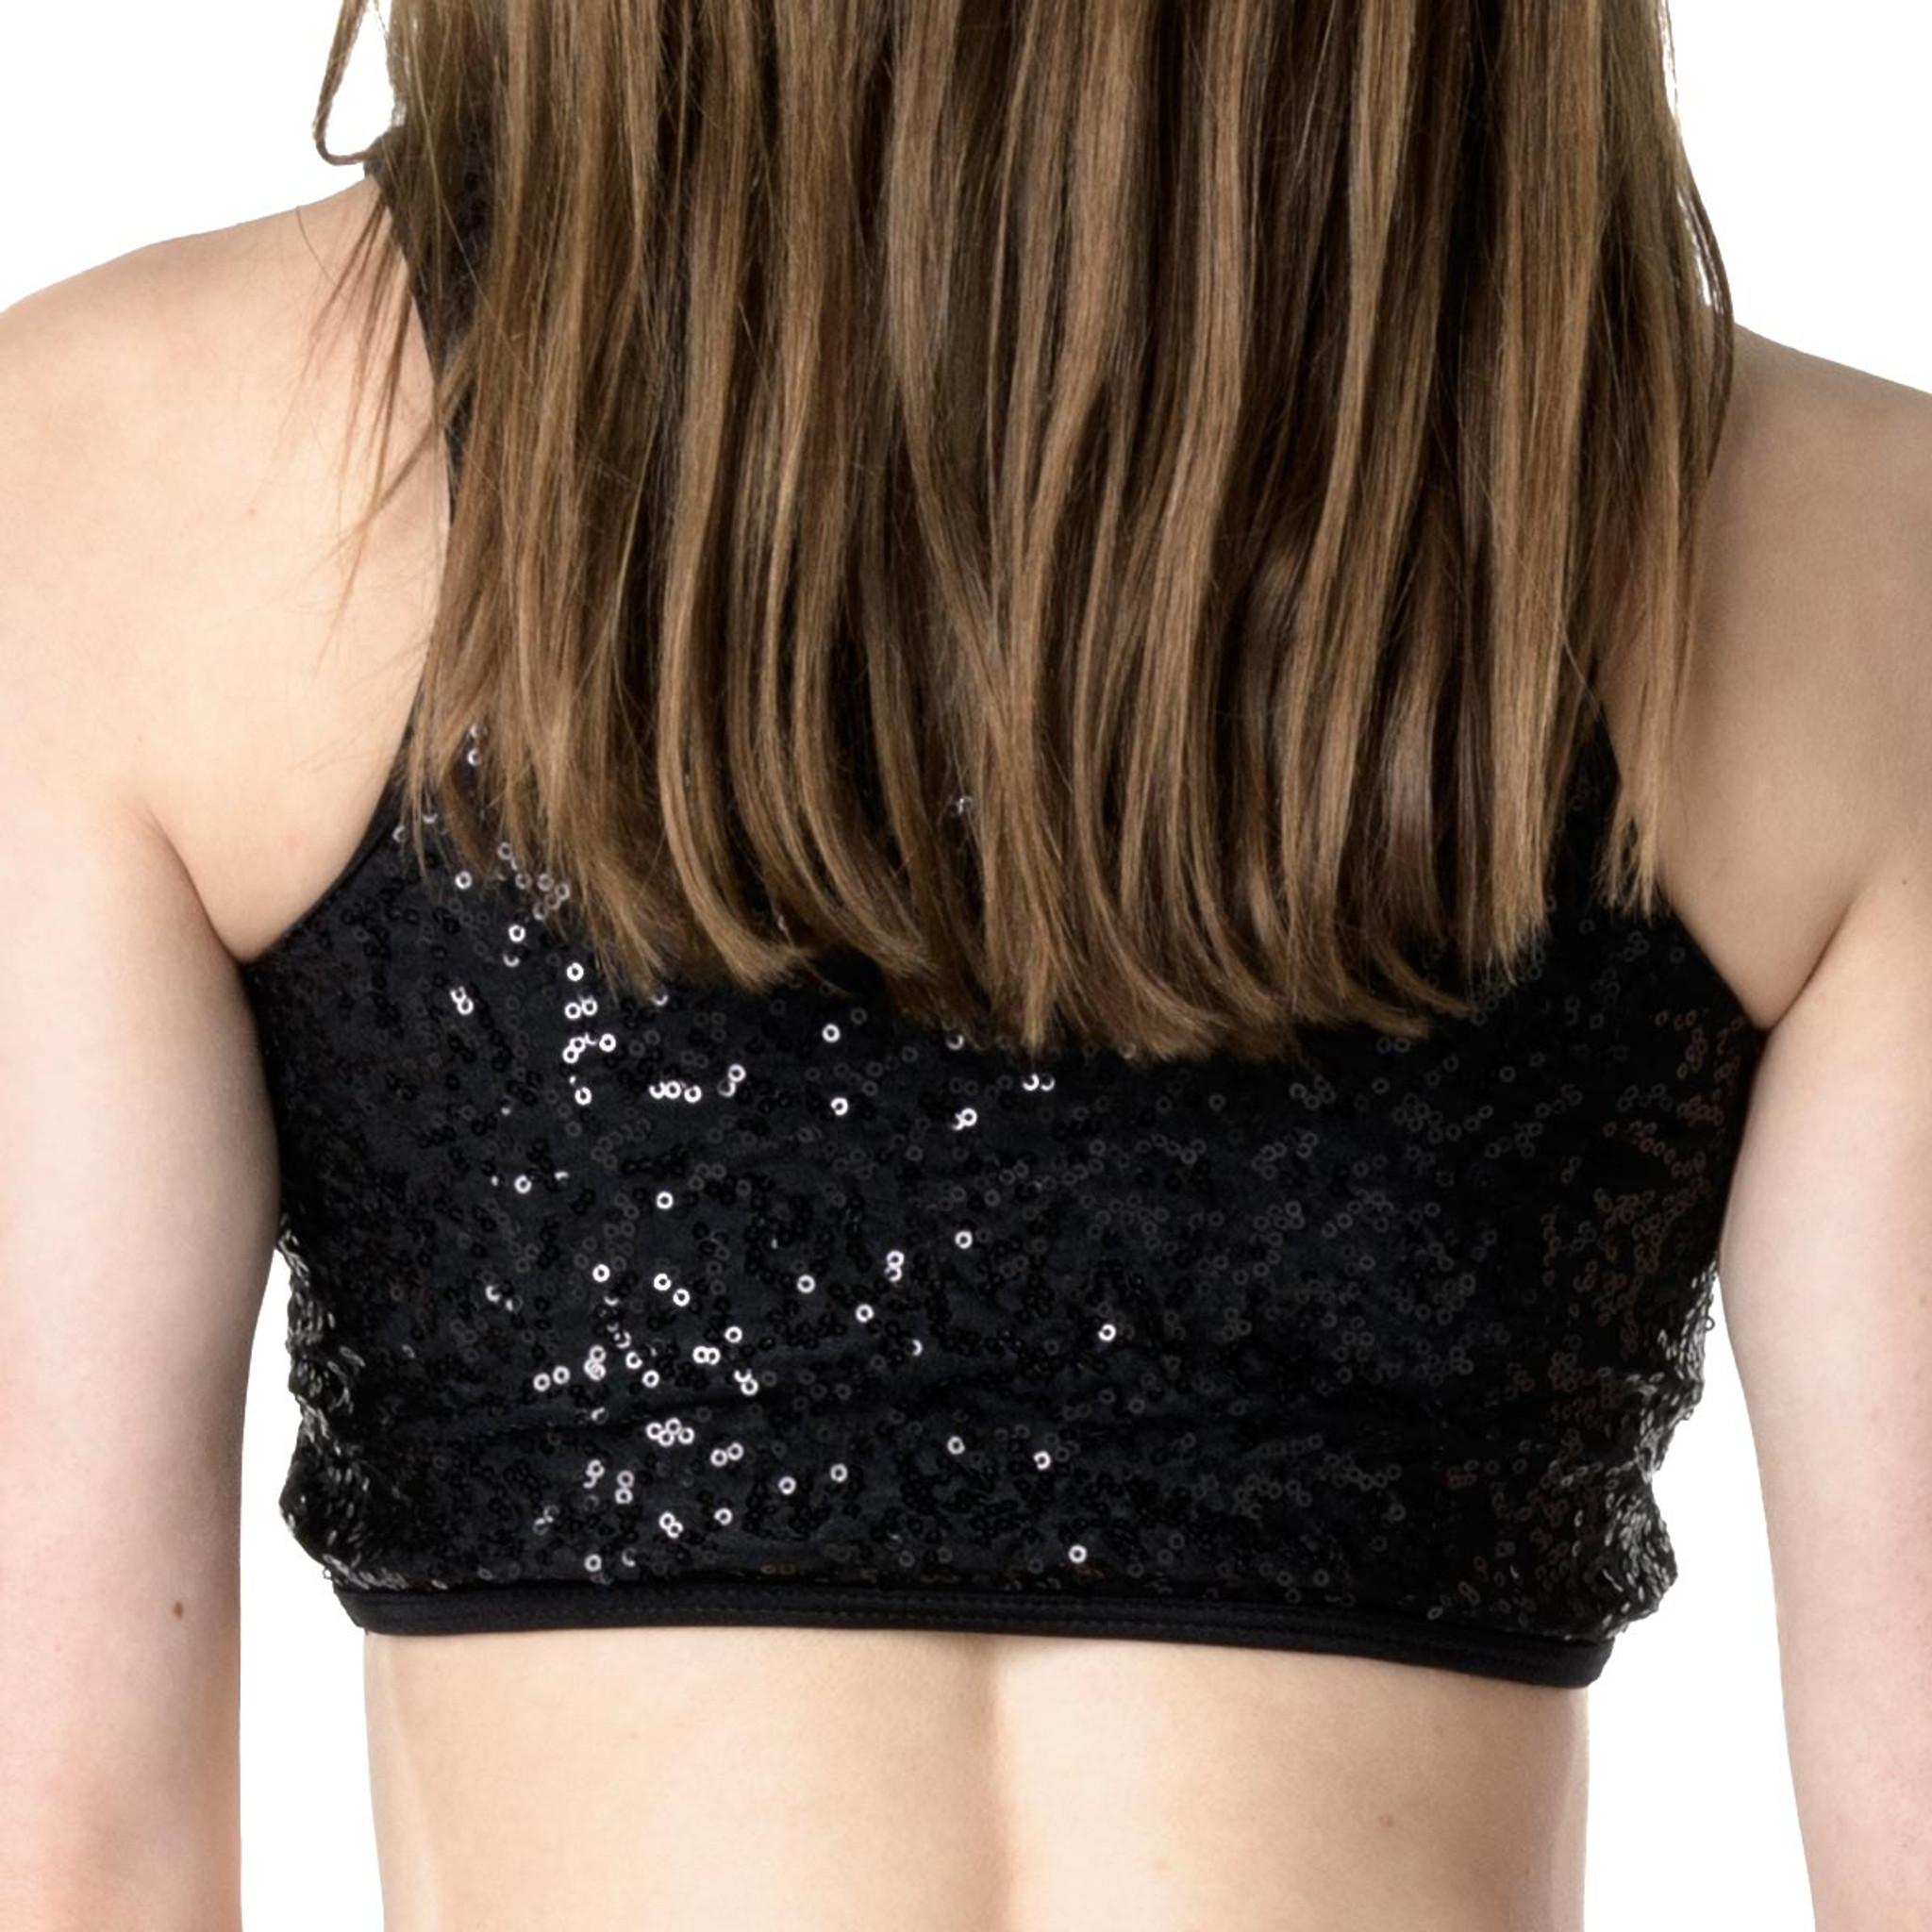 Studio 7 Dancewear Cabaret Crop Top - Ladies Dance Tops